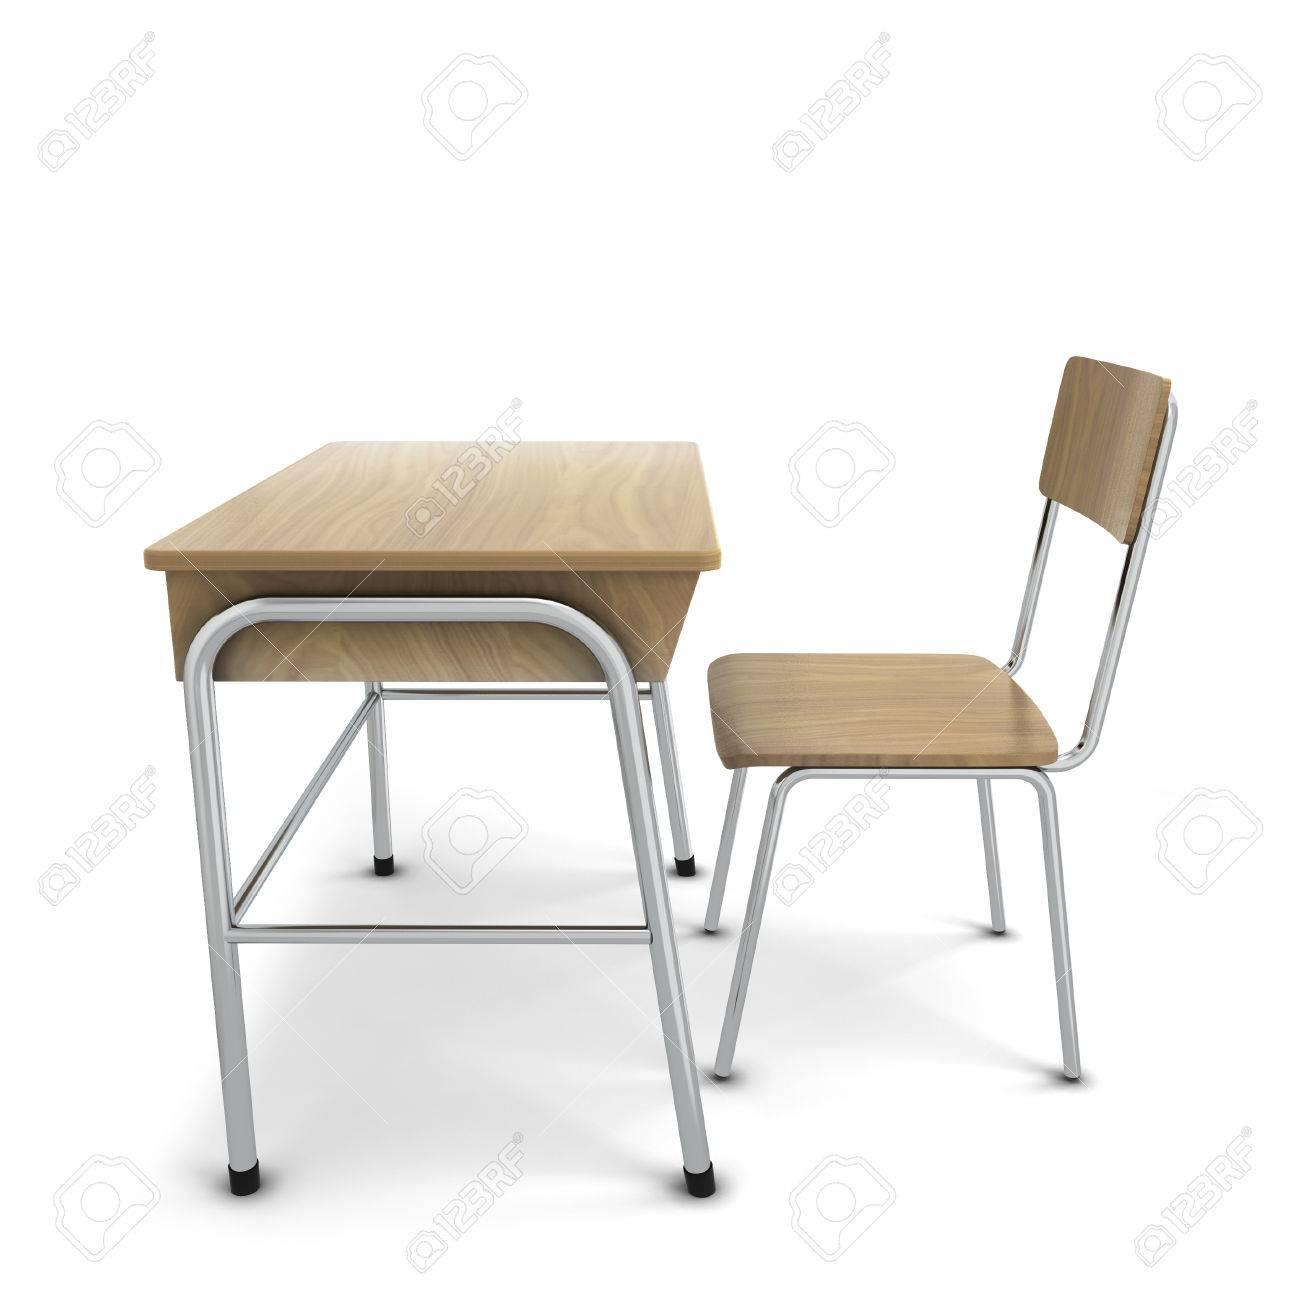 School Tafel En Stoel.Schooltafel Met Stoel 3d Illustratie Geisoleerd Op Een Witte Achtergrond